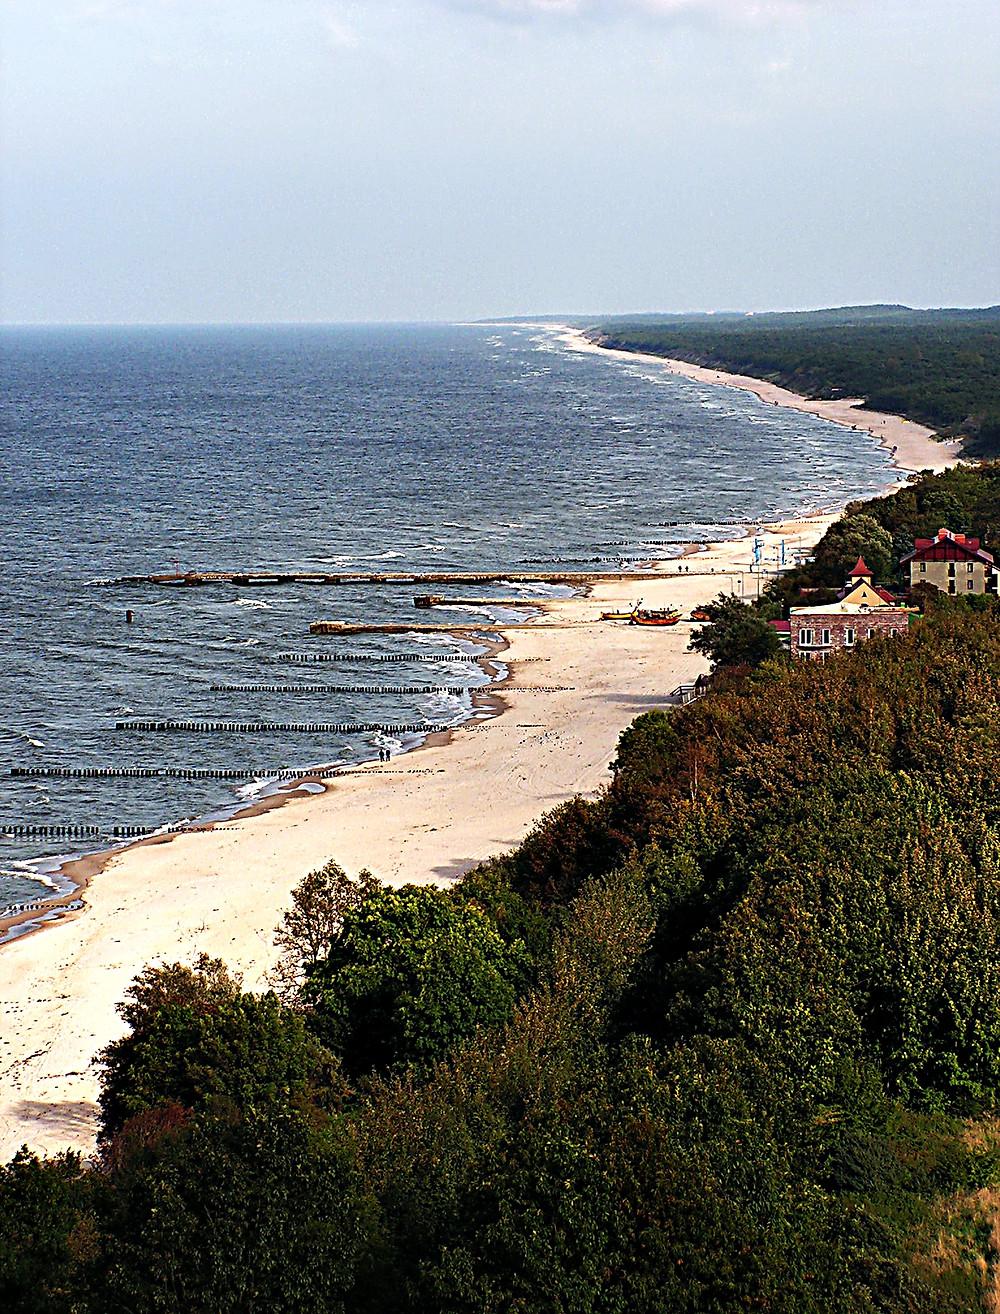 Beautiful Baltic beach, North-west Polish coast, near Międzyzdroje